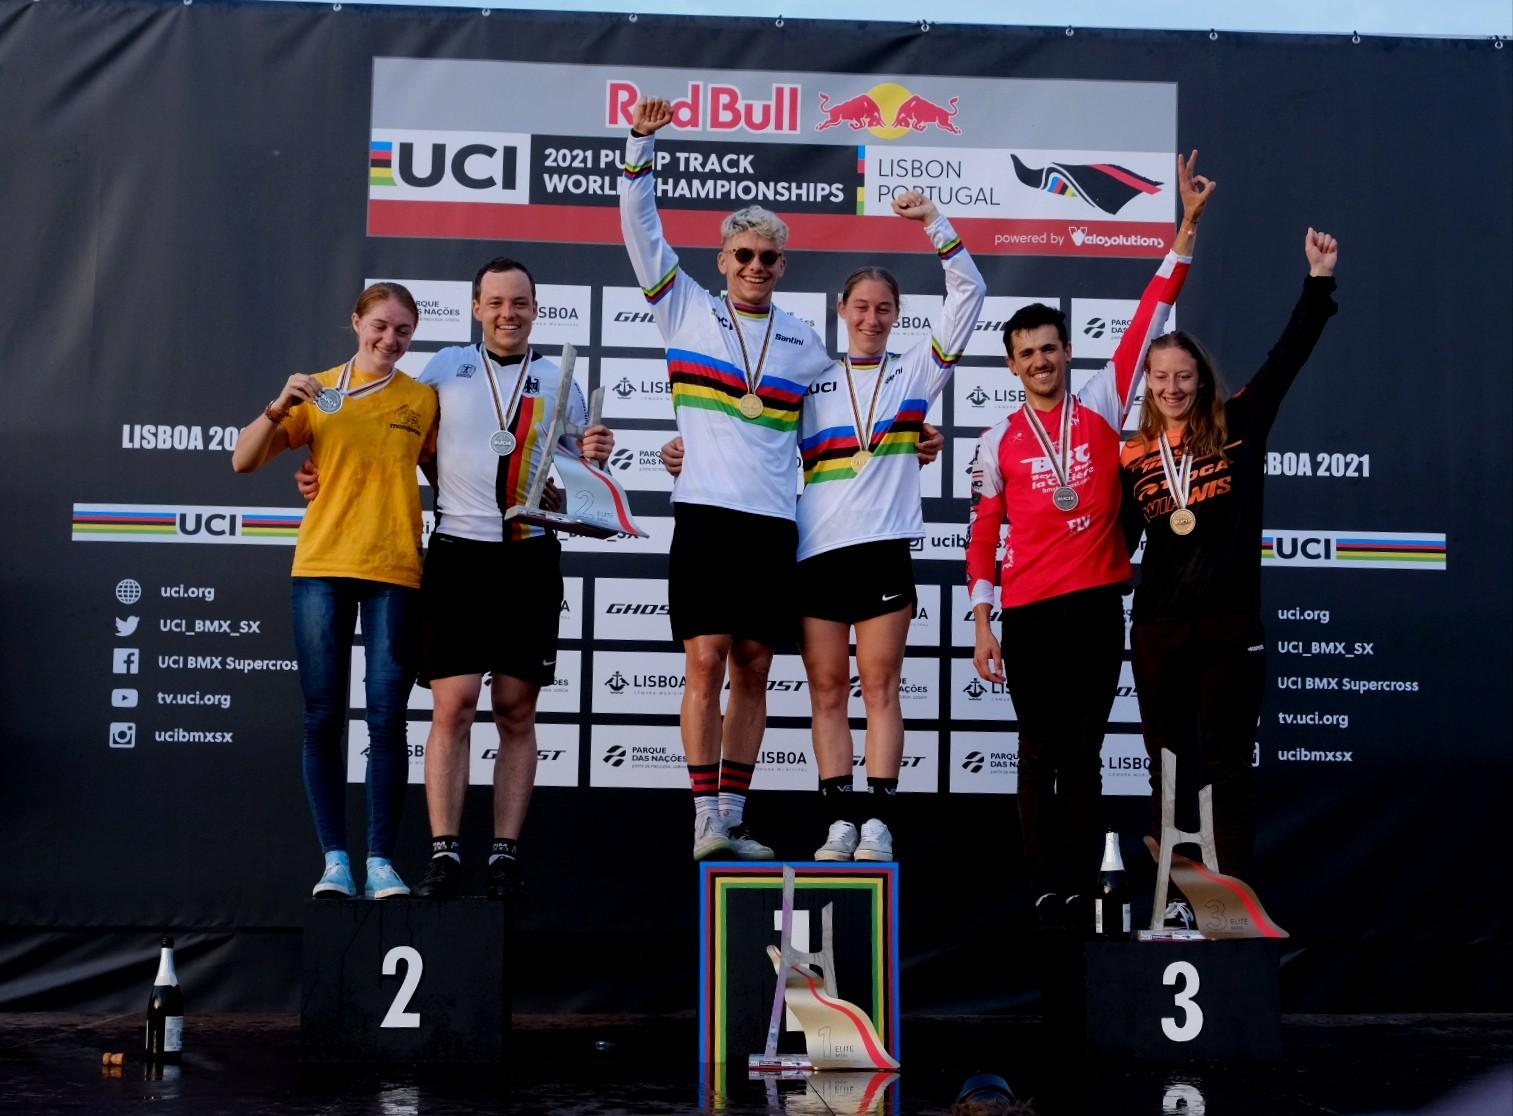 Eddy Clerte e Aiko Gommers sagram-se campeões do mundo de Pump Track em Lisboa